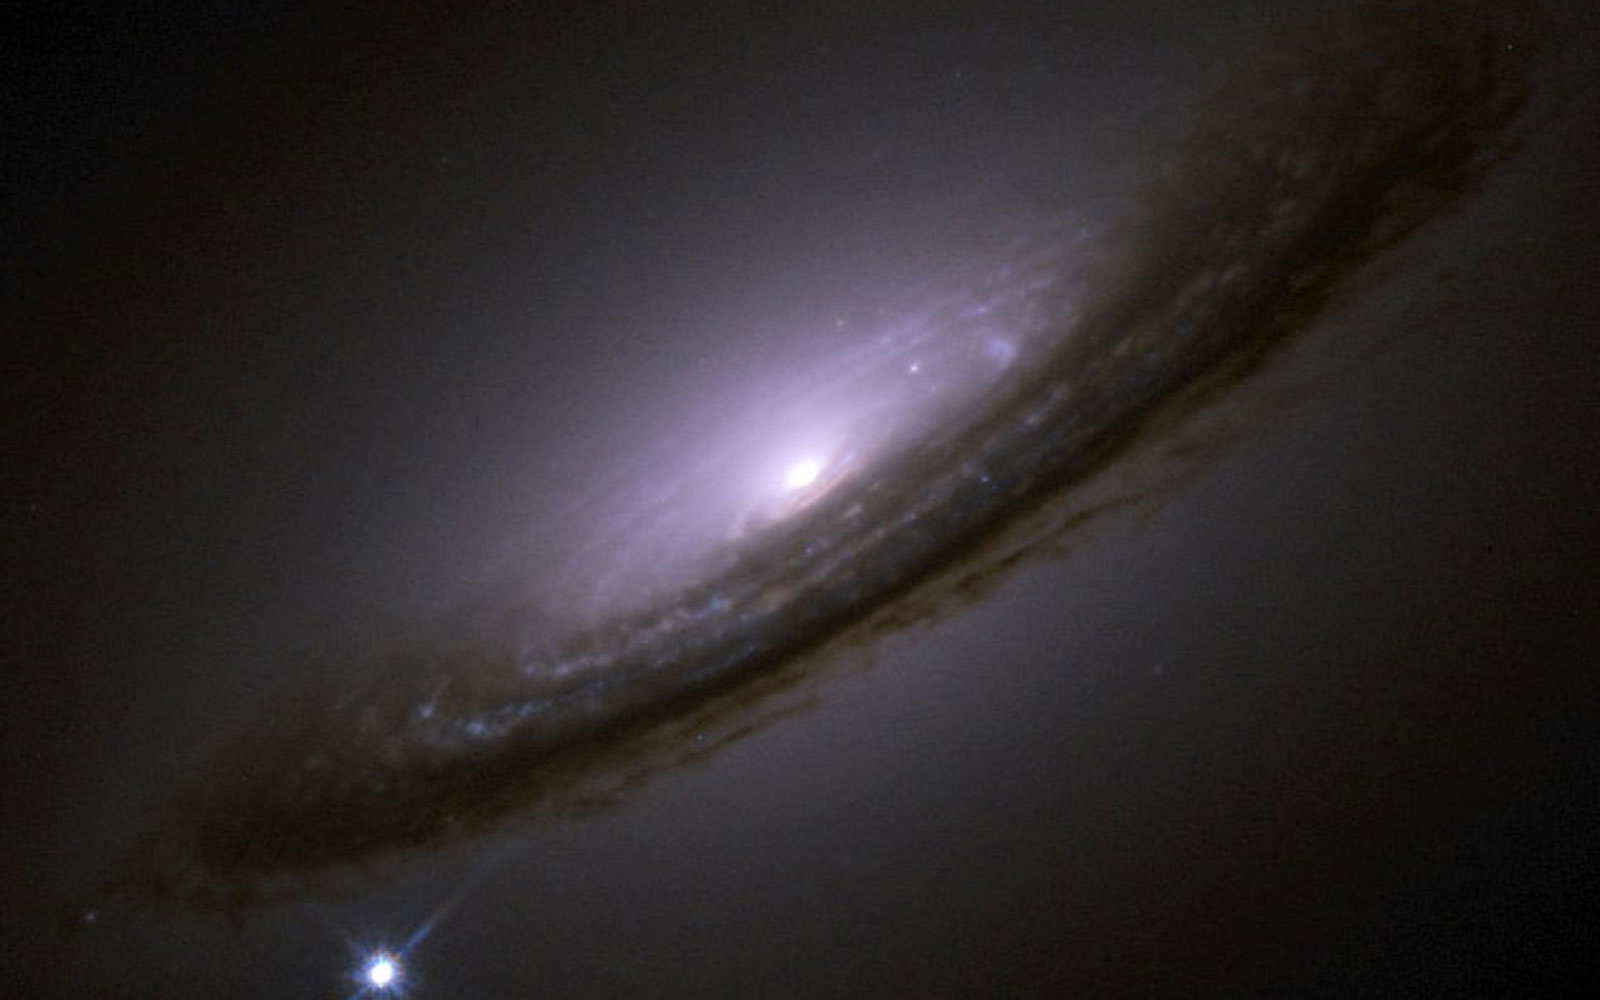 Semana - 1306 - 3 NGC 4526